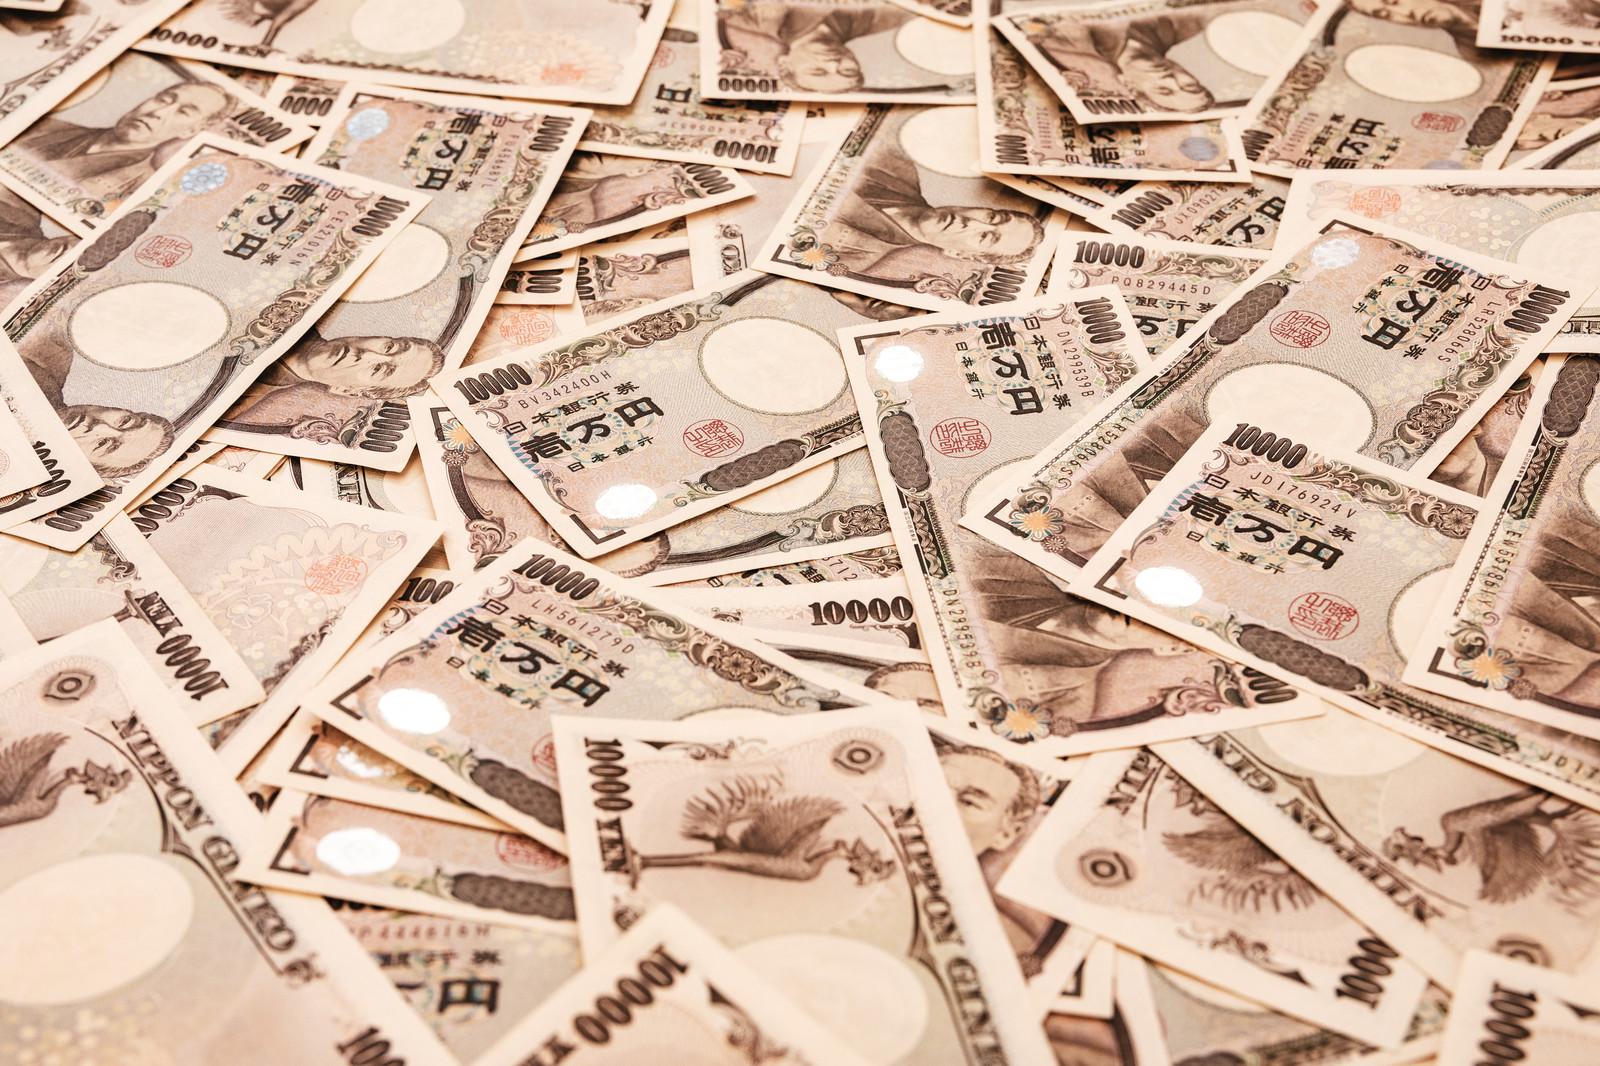 「モテる男とモテない男のお金の使い方の違いは?」のアイキャッチ画像